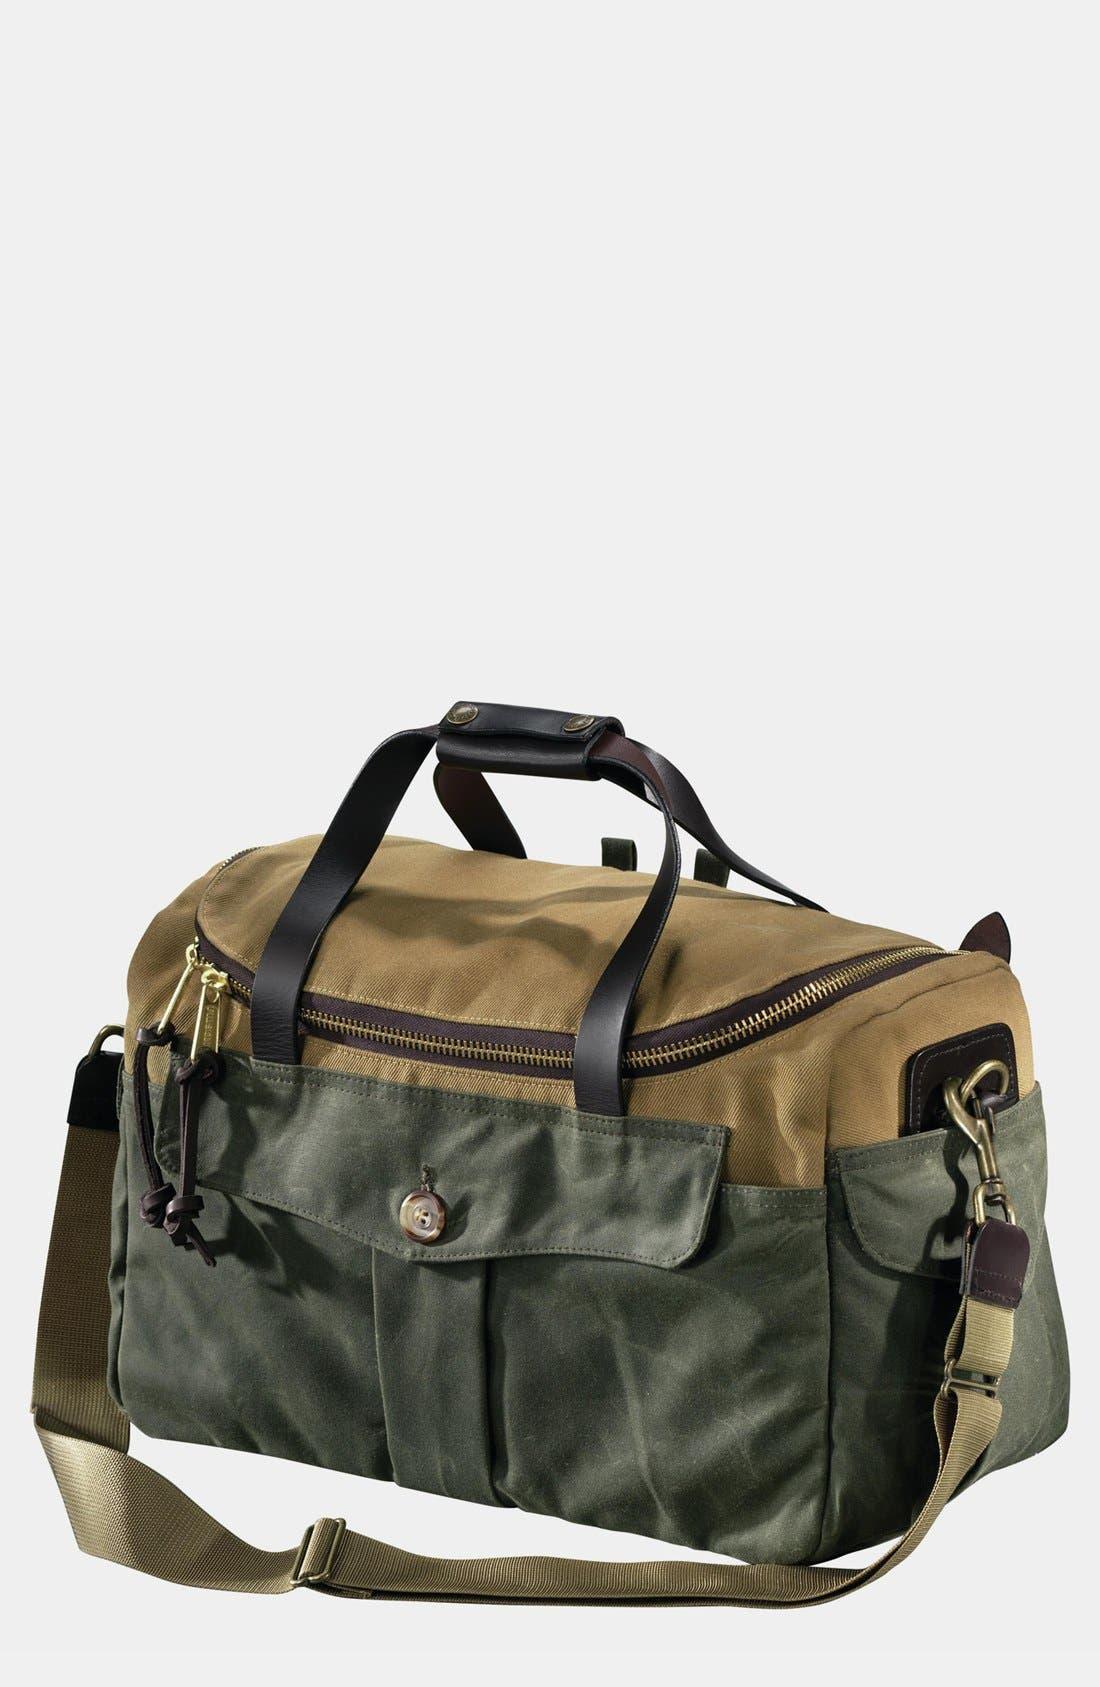 Alternate Image 1 Selected - Filson 'Heritage Sportsman' Bag